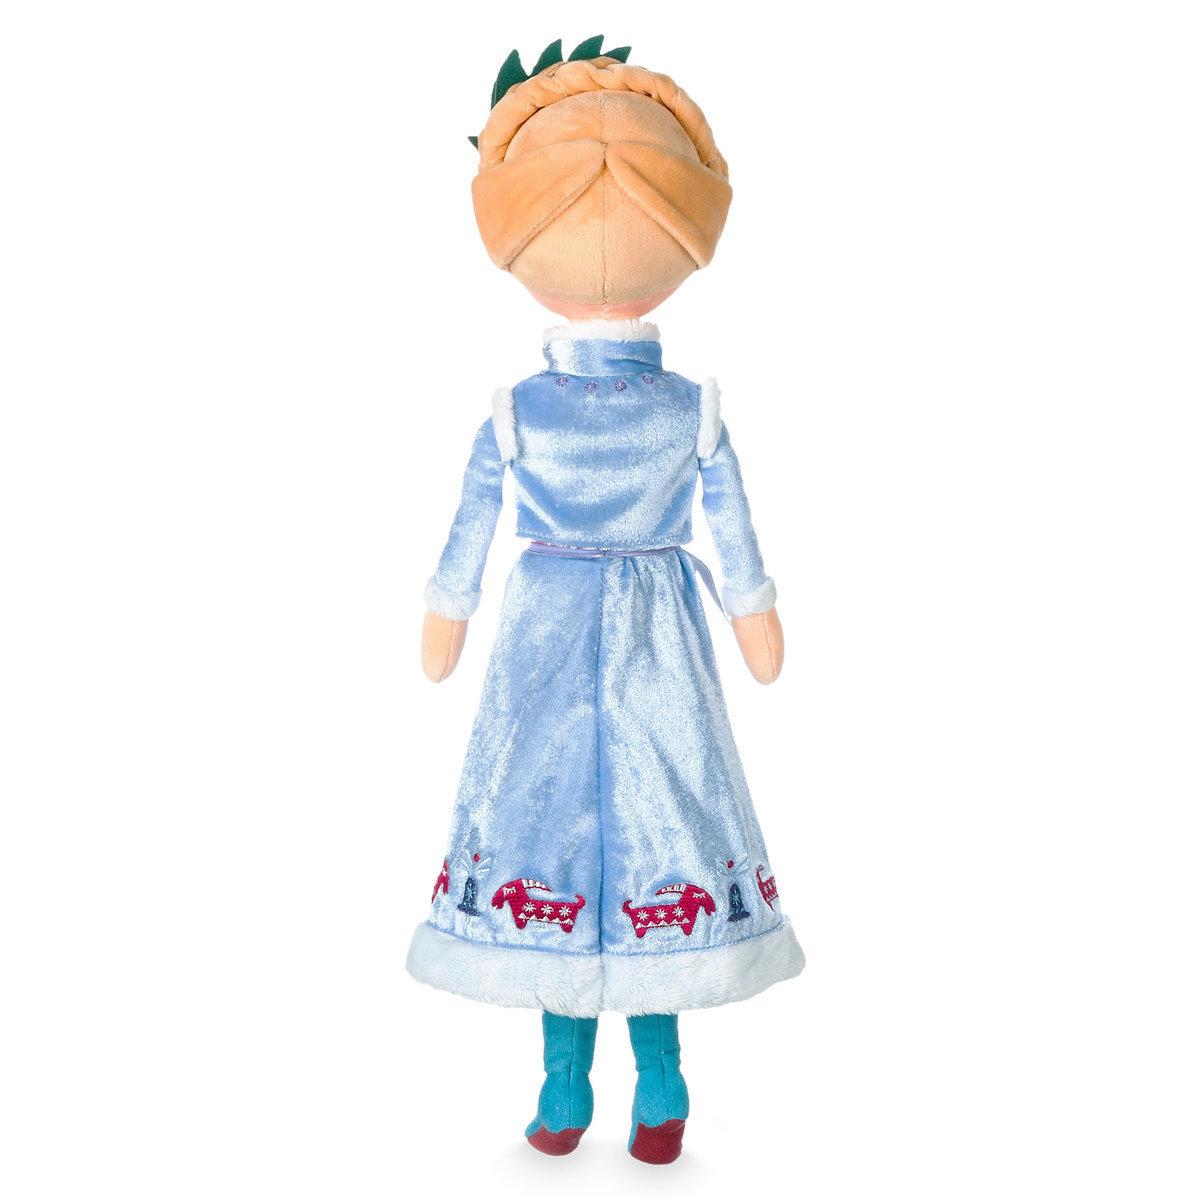 """Мягкая игрушка «Анна» - """"Олаф и холодное приключение"""" - 48 см"""